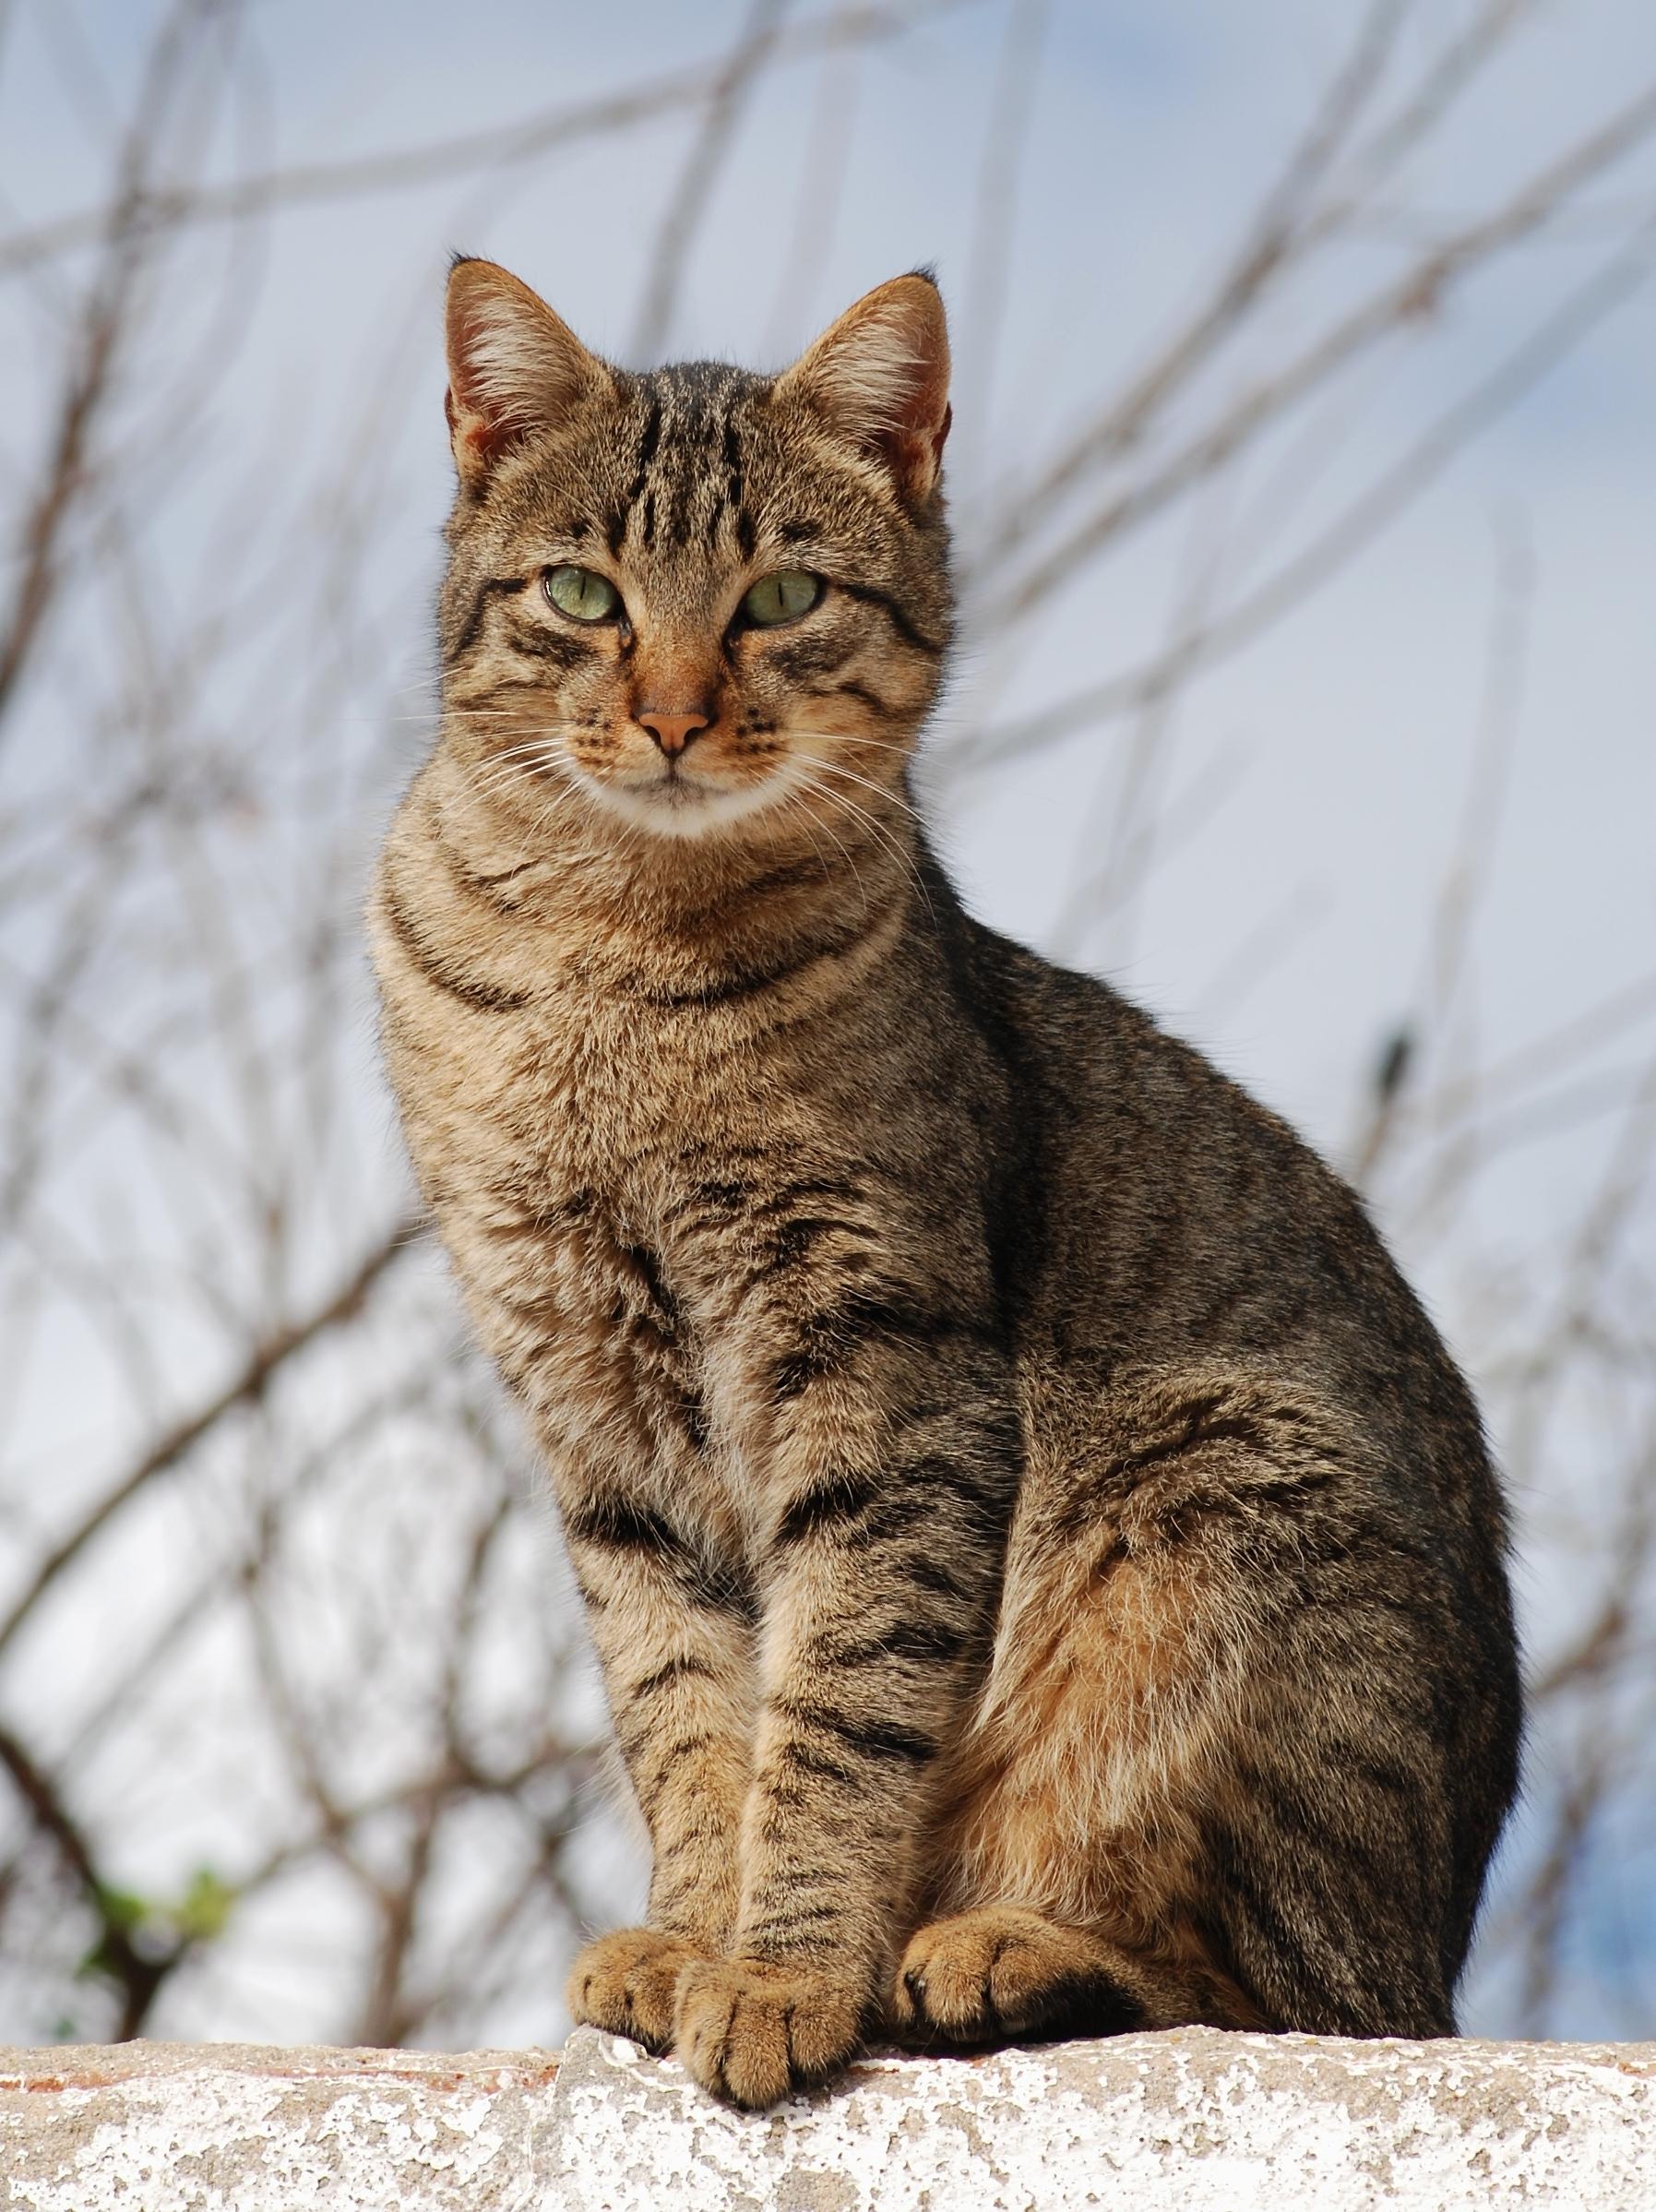 Cat_November_2010-1a